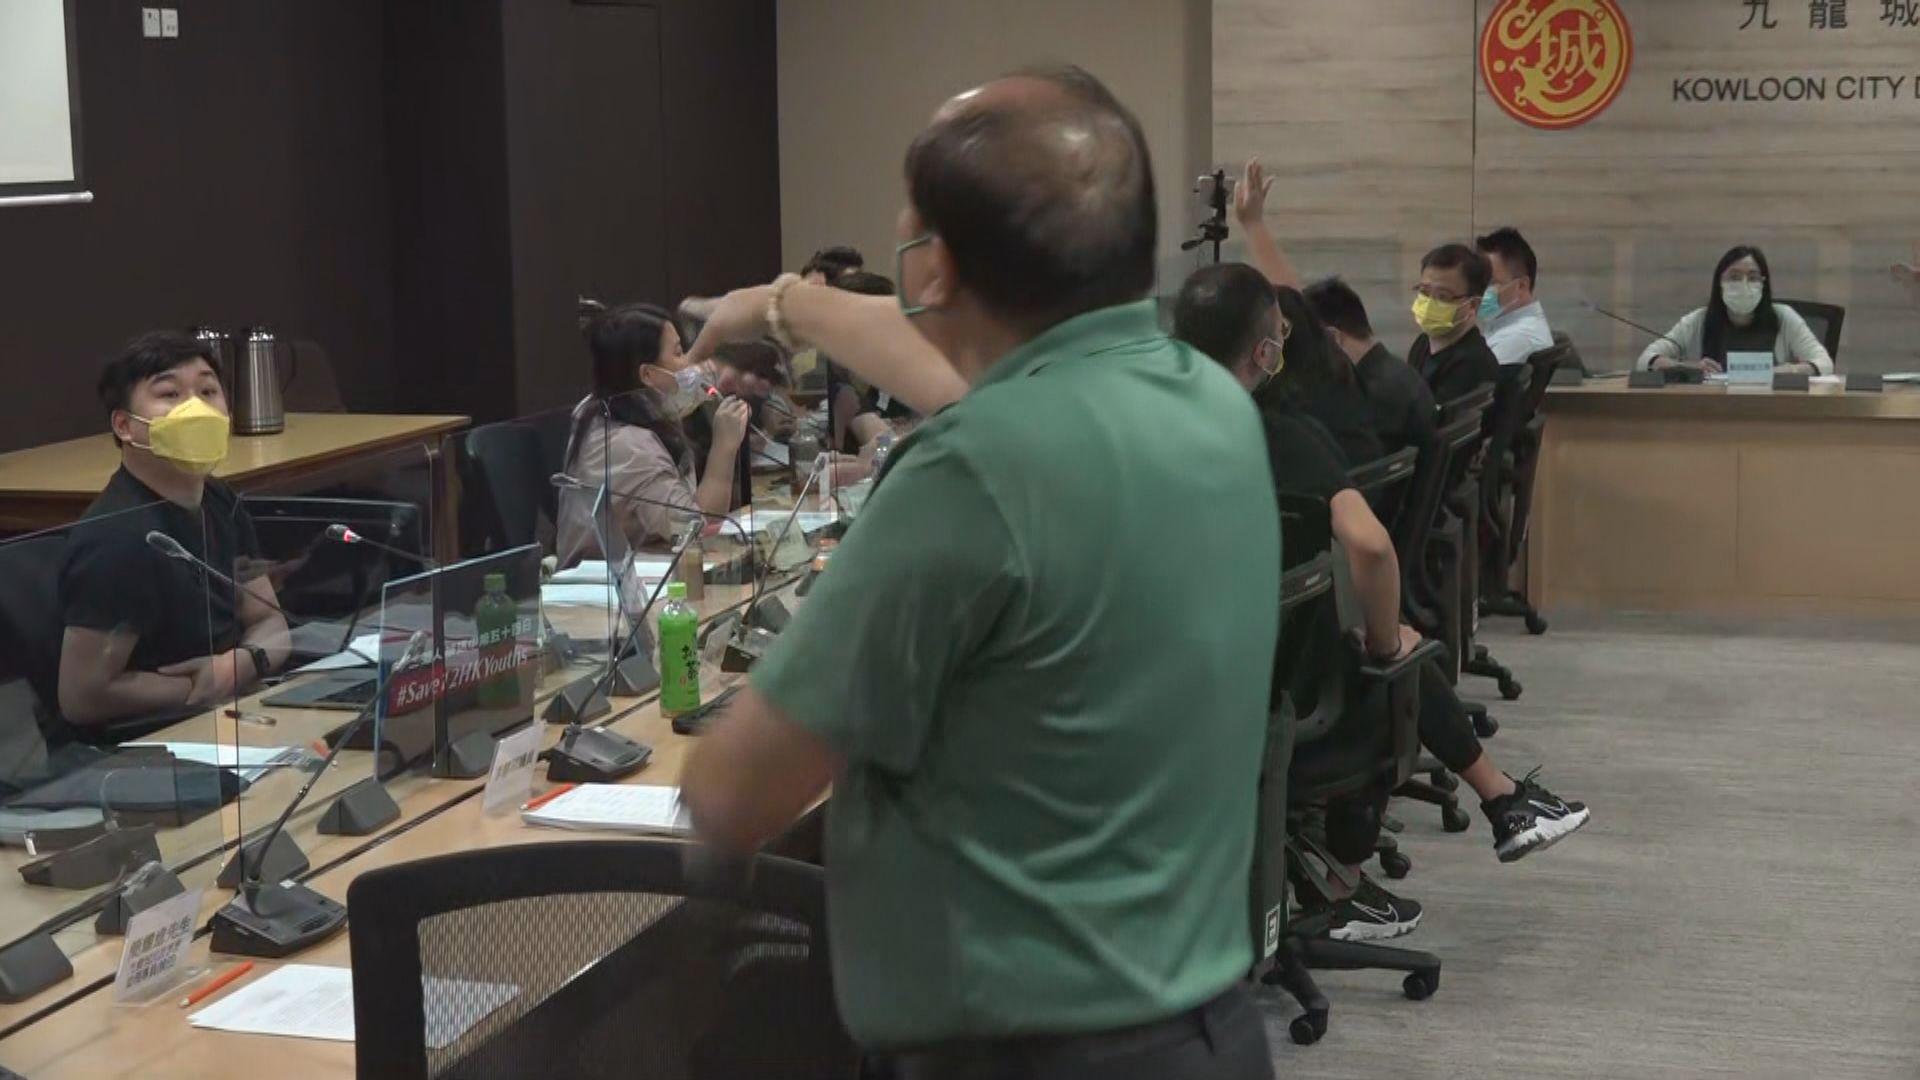 九龍城區議會刪除晤鄧炳強議程 有議員提出質疑被逐